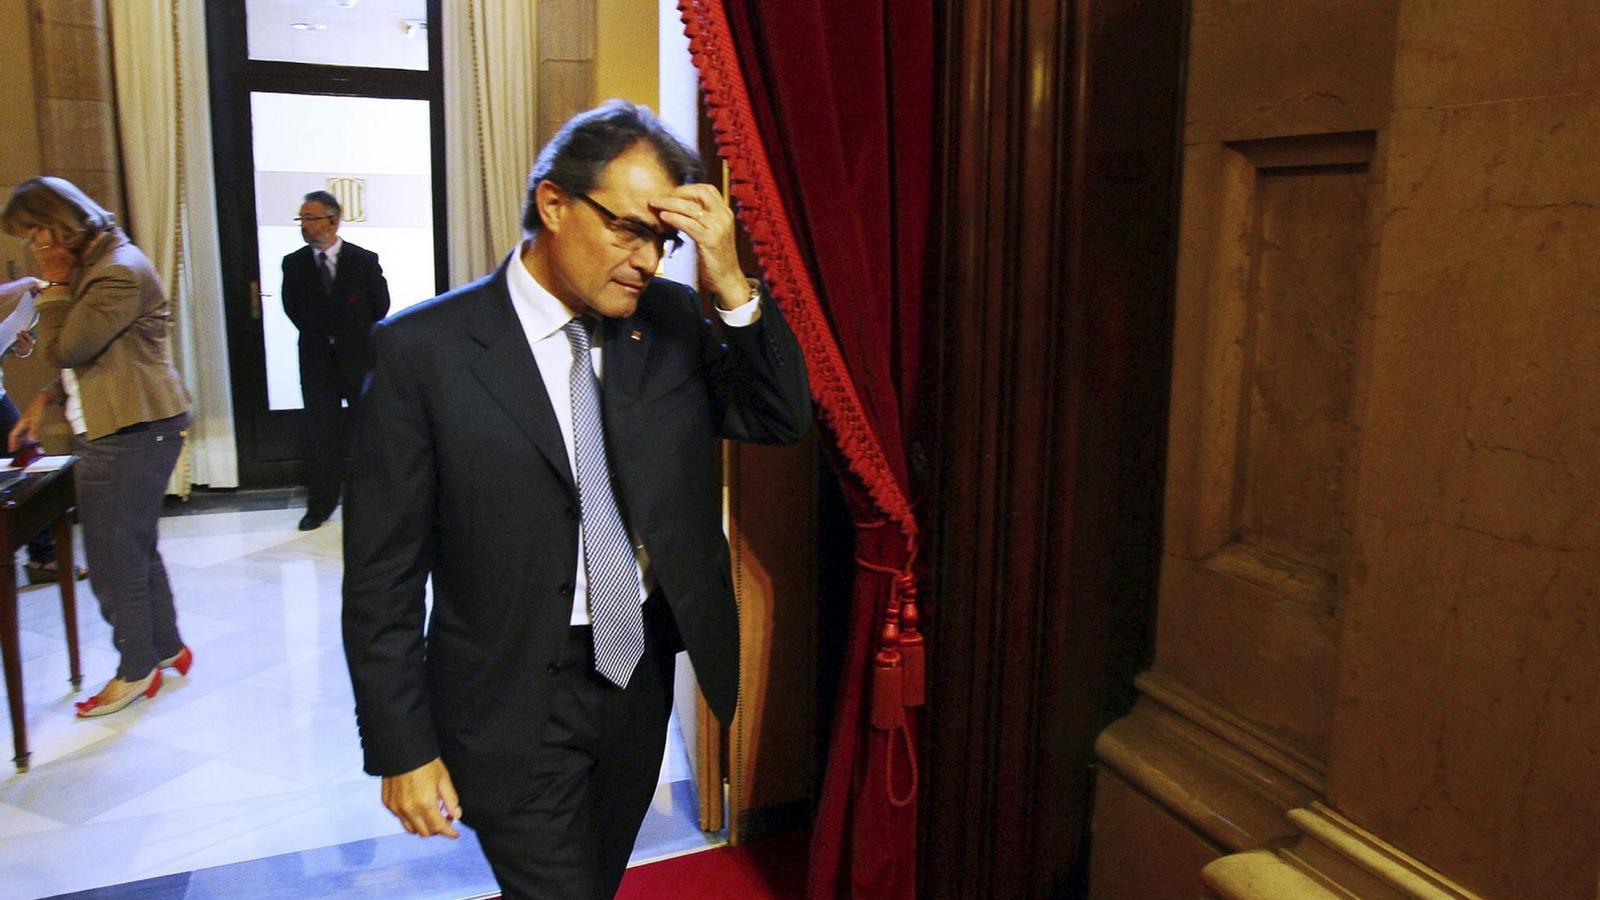 PENSANT L'ESTRATÈGIA   El president de la Generalitat, Artur Mas, rumia quina oferta pot fer a Mariano Rajoy, el seu homòleg espanyol, per reeixir en l'aposta pel concert.